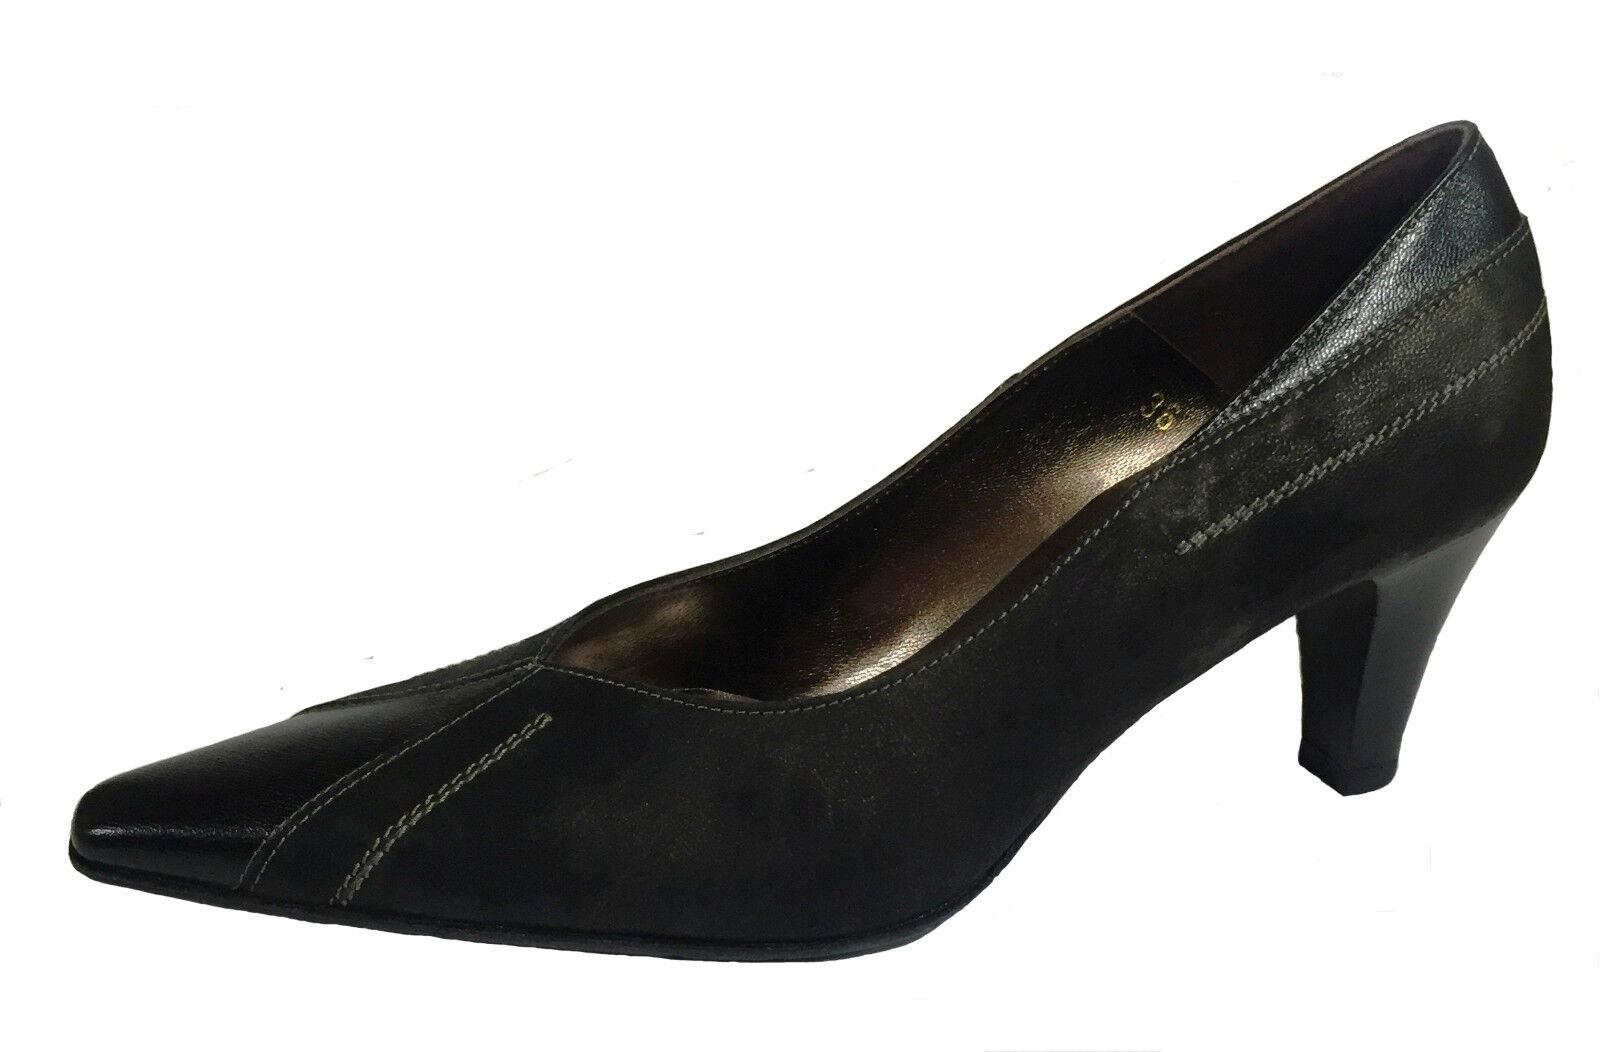 migliore qualità ELATA Scarpe donna décolleté con punta punta punta in pelle colore nero con tacco comodo  confortevole